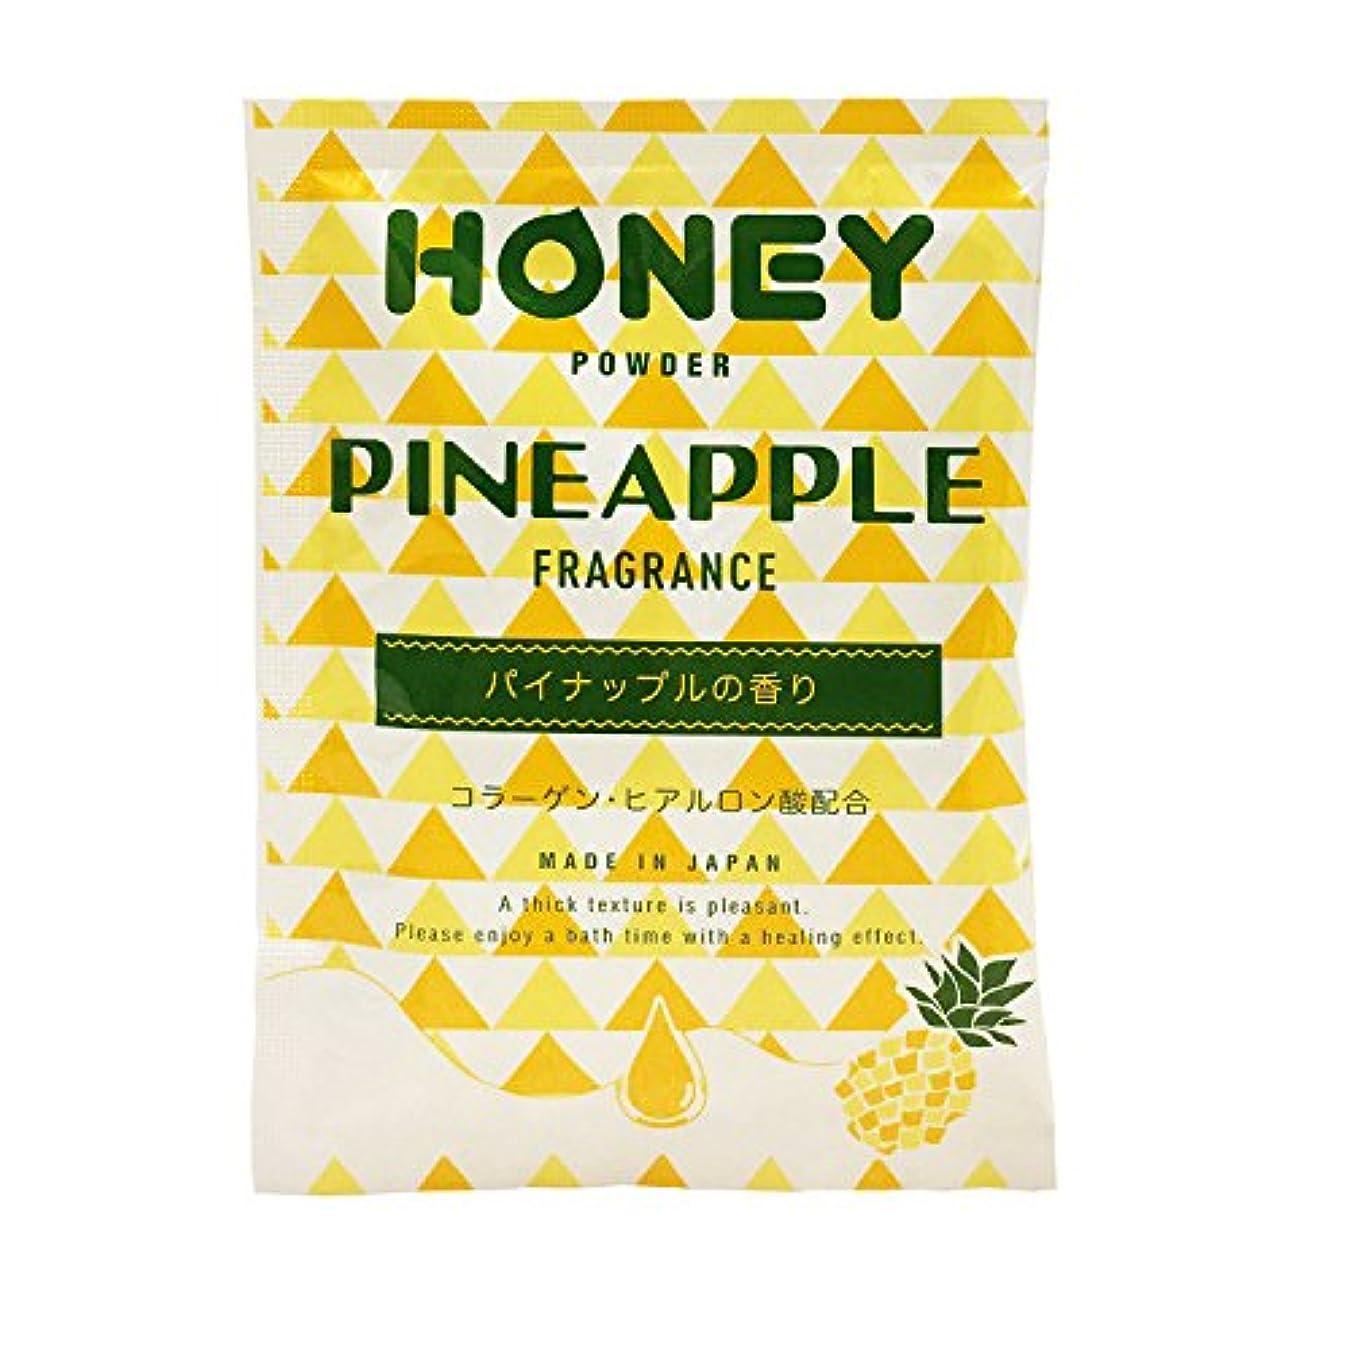 退屈なナプキン自動化とろとろ入浴剤【honey powder】(ハニーパウダー) パイナップルの香り 粉末タイプ ローション